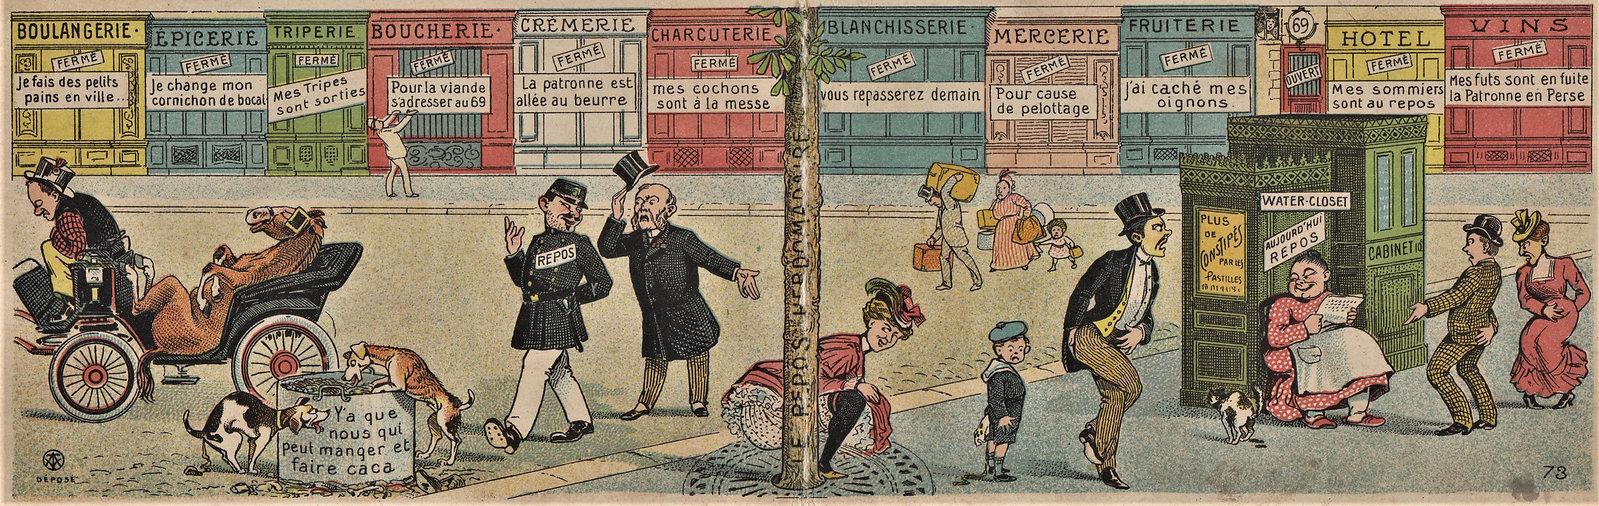 Repos Hedomadaire et scato (2).jpg